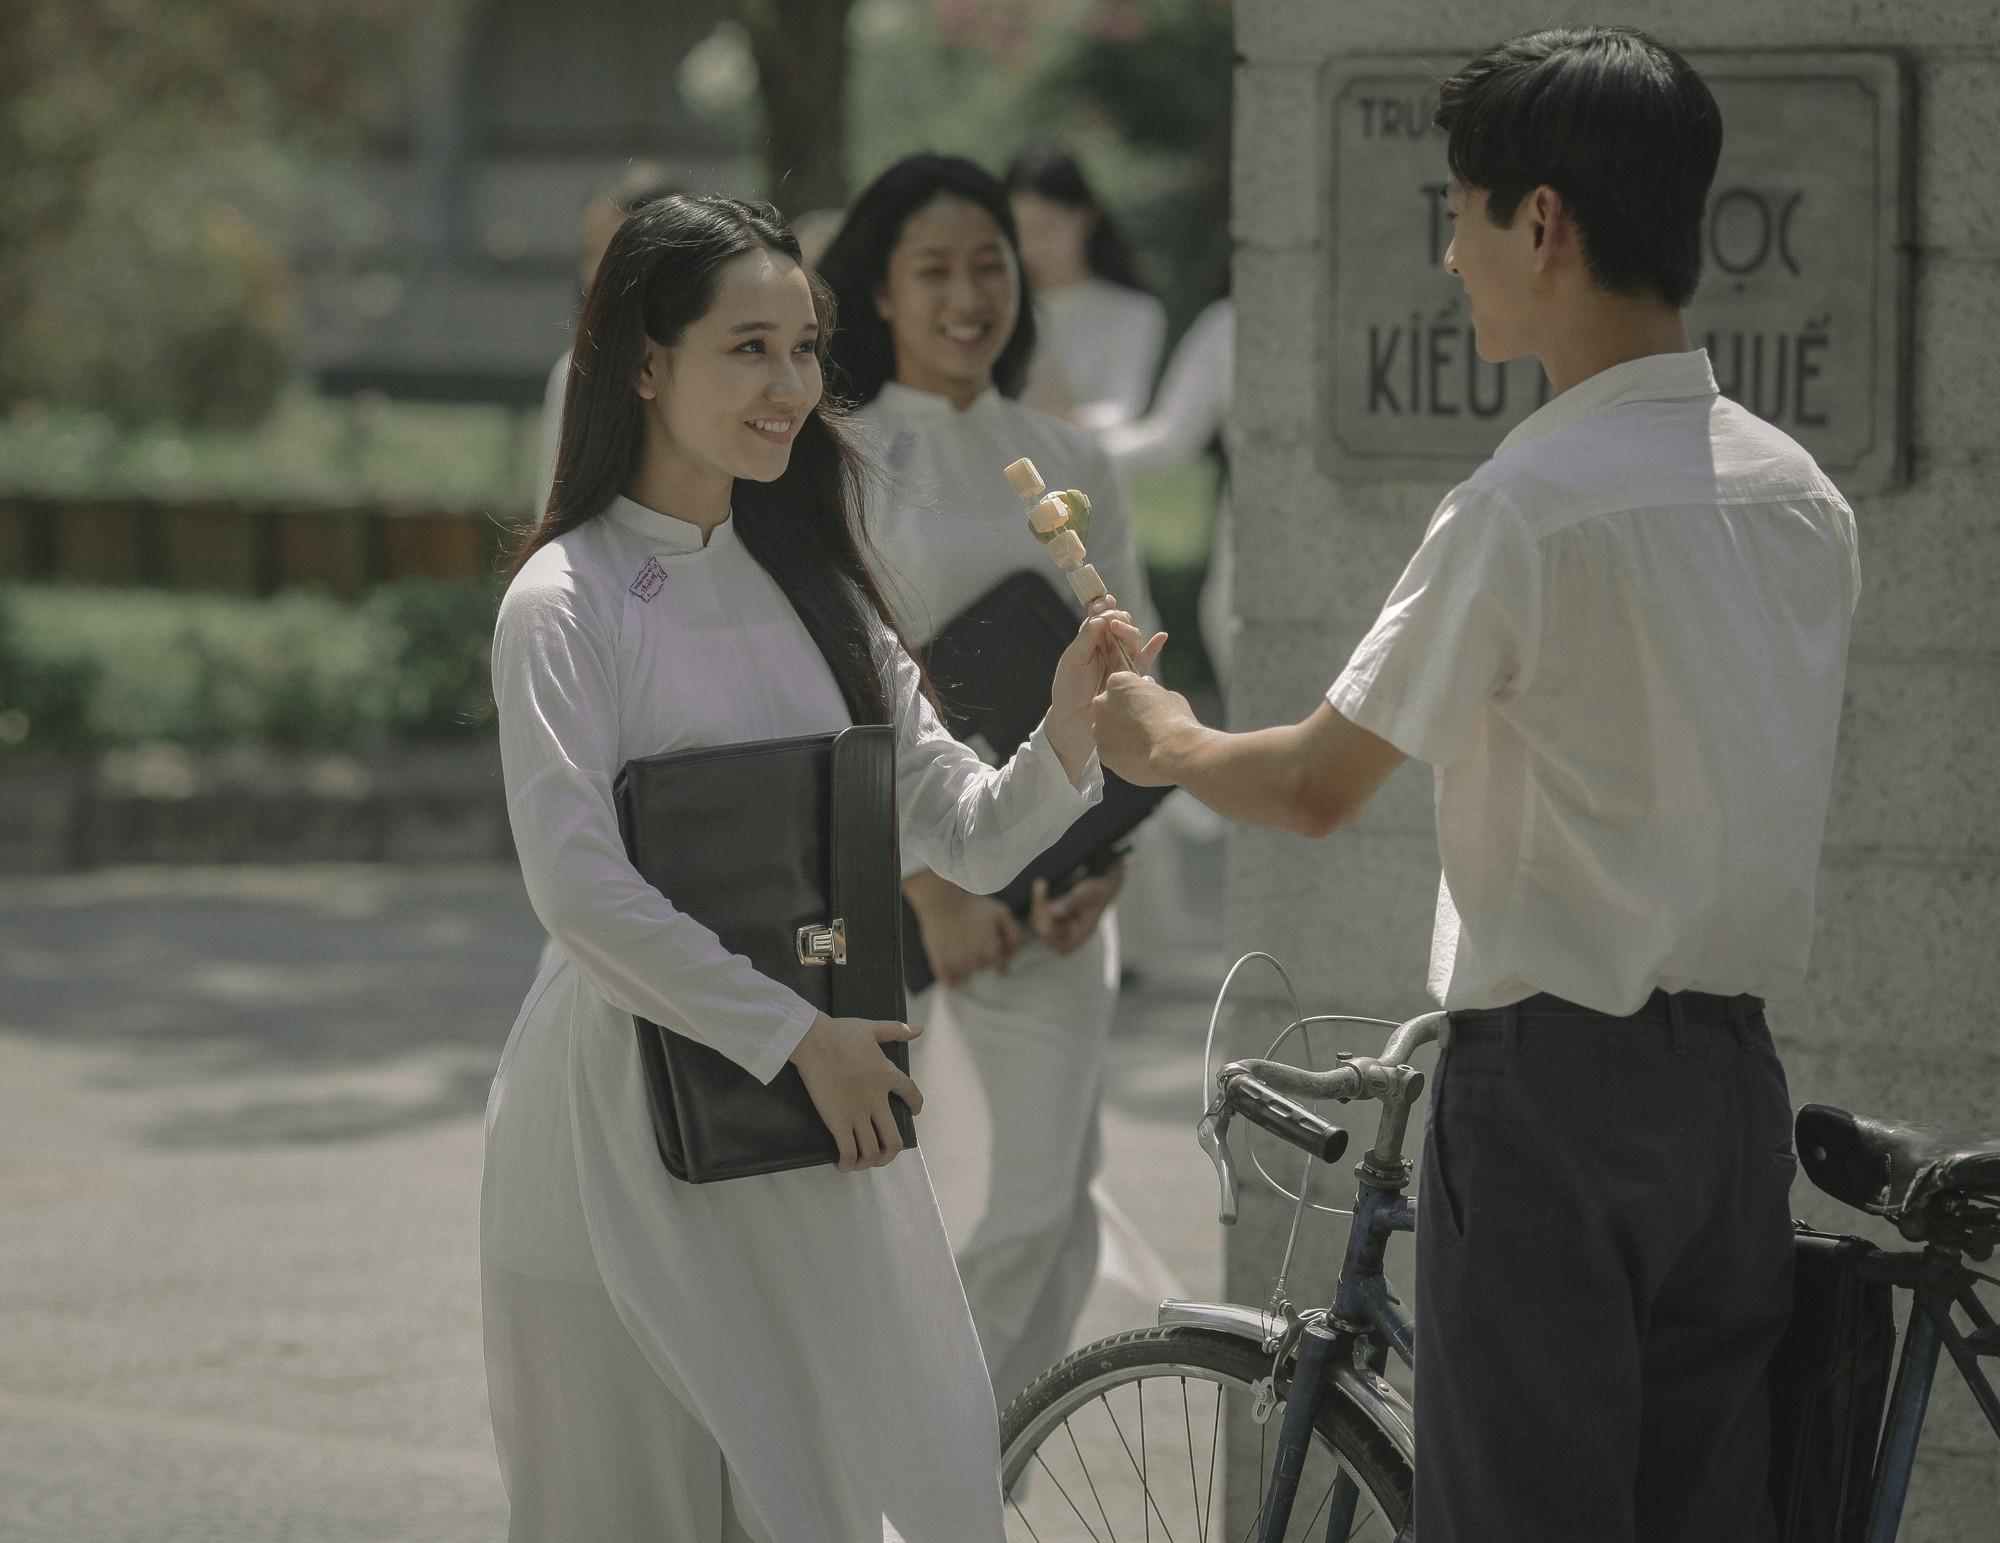 Trở về hồi ức tuổi trẻ cùng Mắt Biếc: Hà Lan đẹp đến nao lòng trong tà áo dài trắng bên chàng Ngạn si tình mùa tựu trường - Ảnh 2.